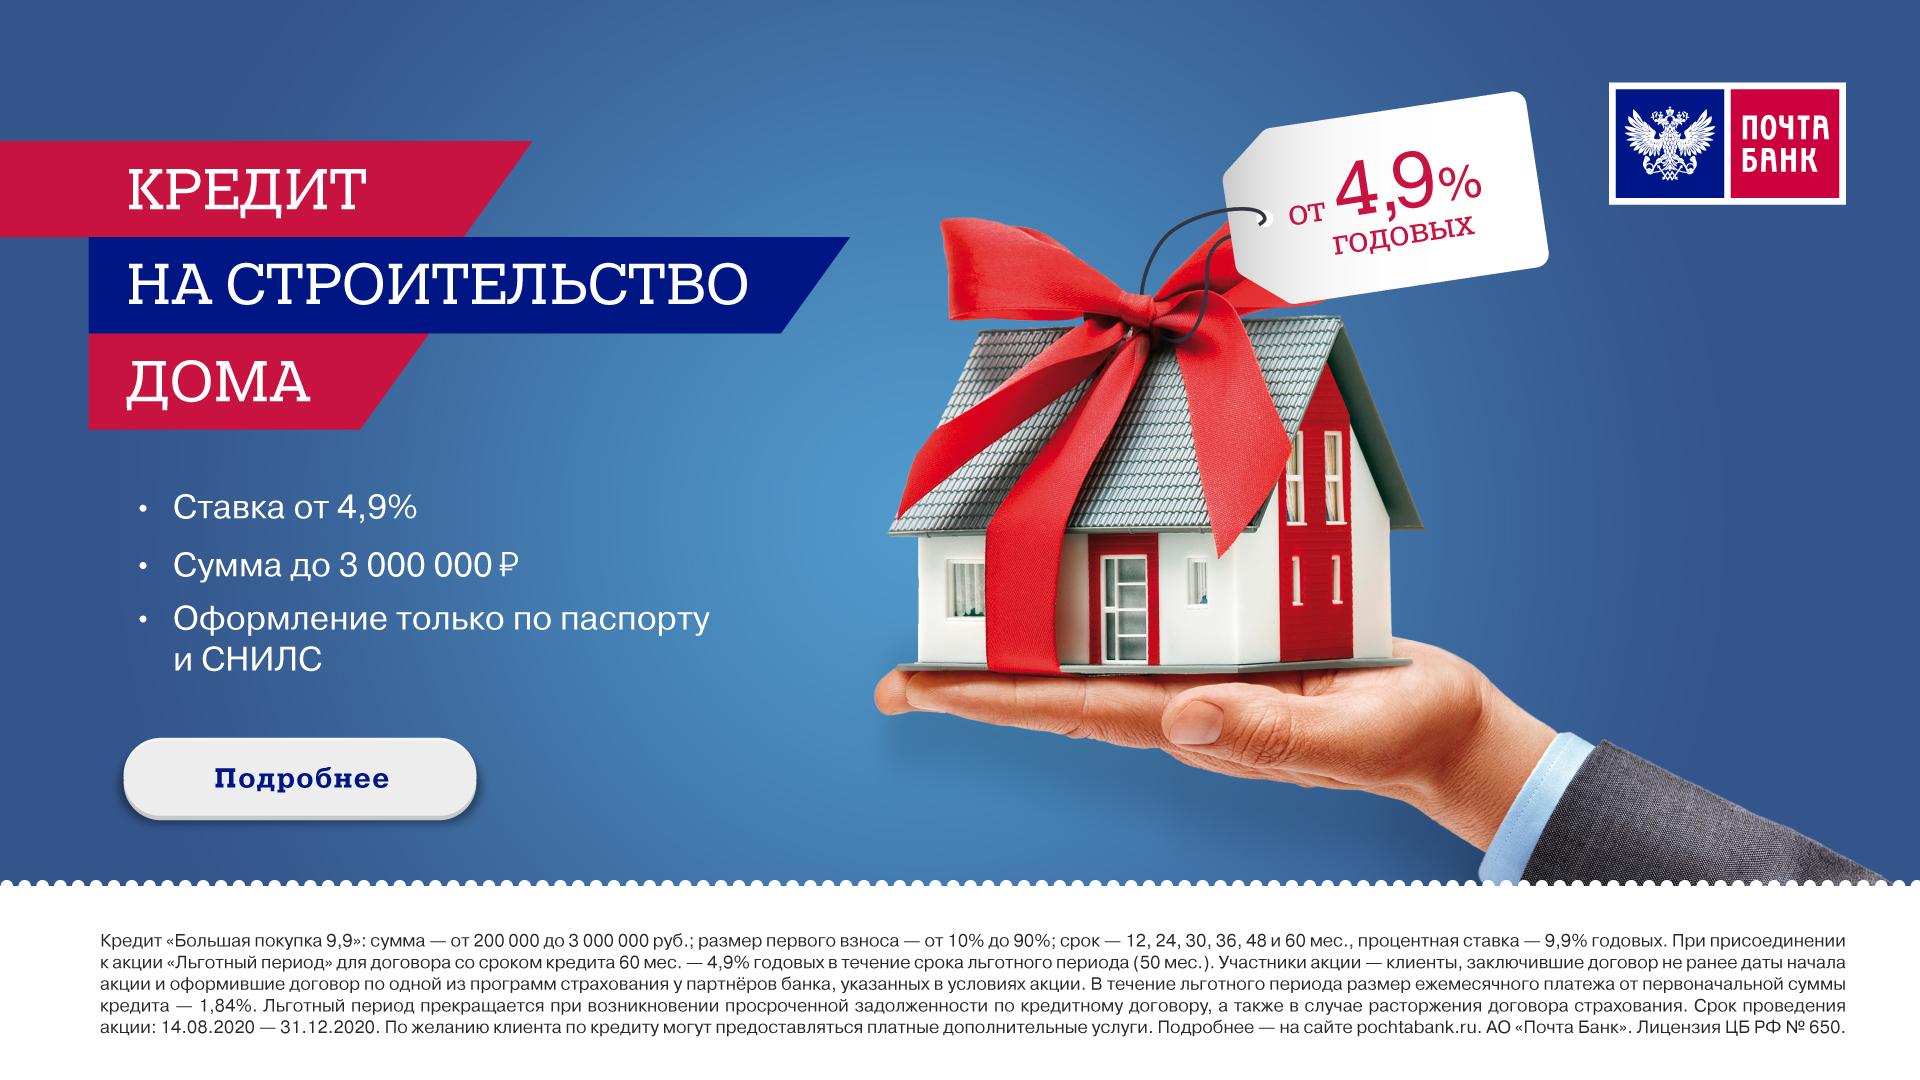 Кредит на строительство дома от Почта Банк